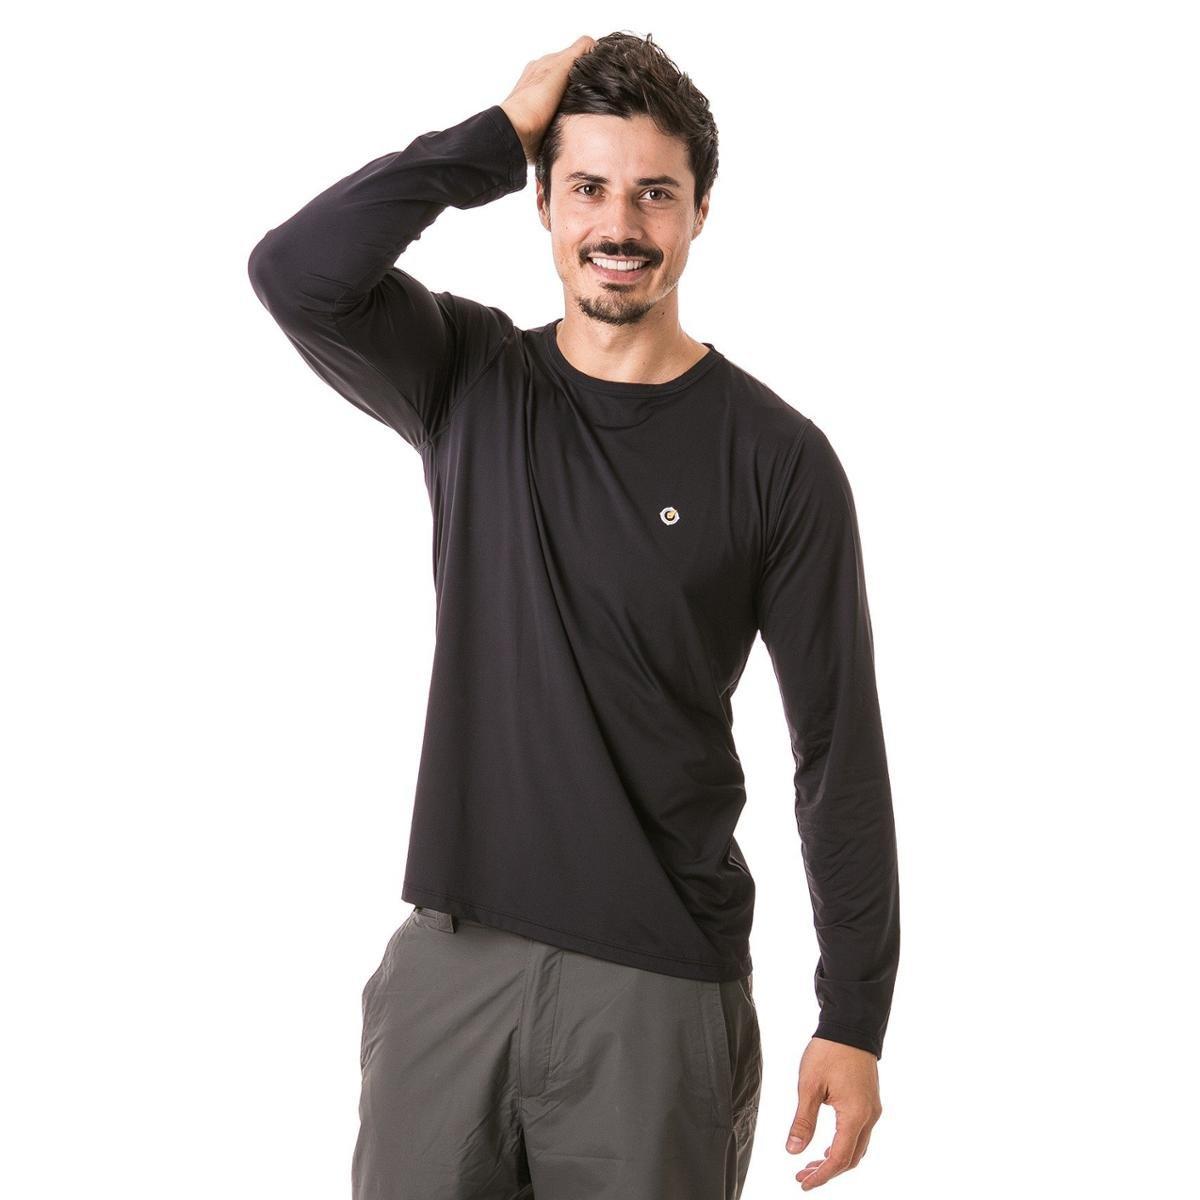 Camiseta com Proteção Solar FPU50+ Manga Longa Extreme UV Ice - Preto 911c62fdd87